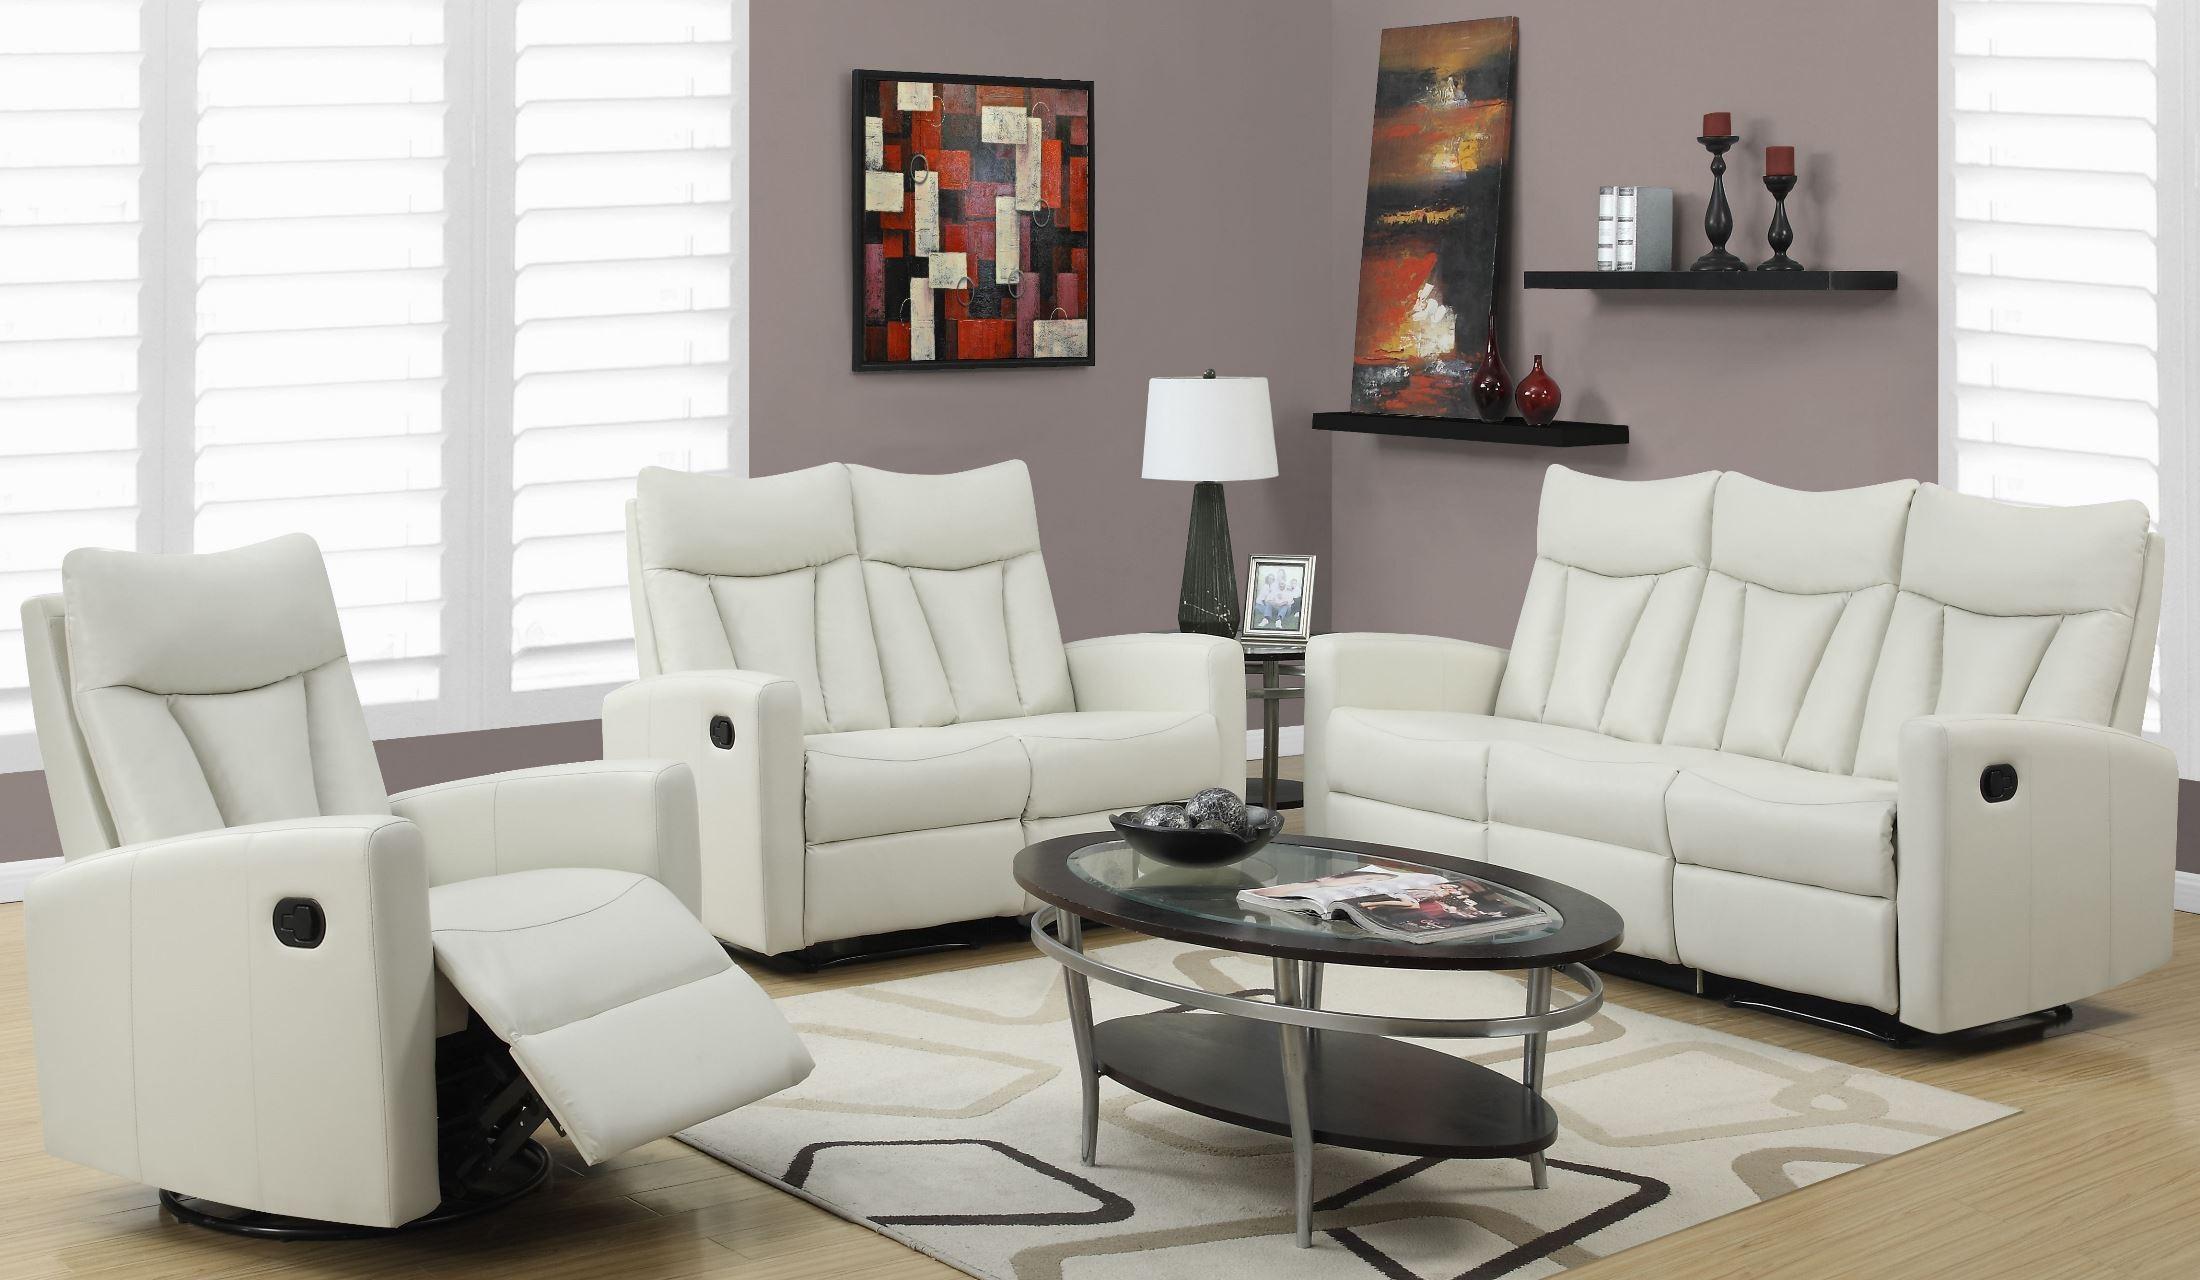 87iv 3 ivory bonded leather reclining living room set 87iv 3 monarch. Black Bedroom Furniture Sets. Home Design Ideas